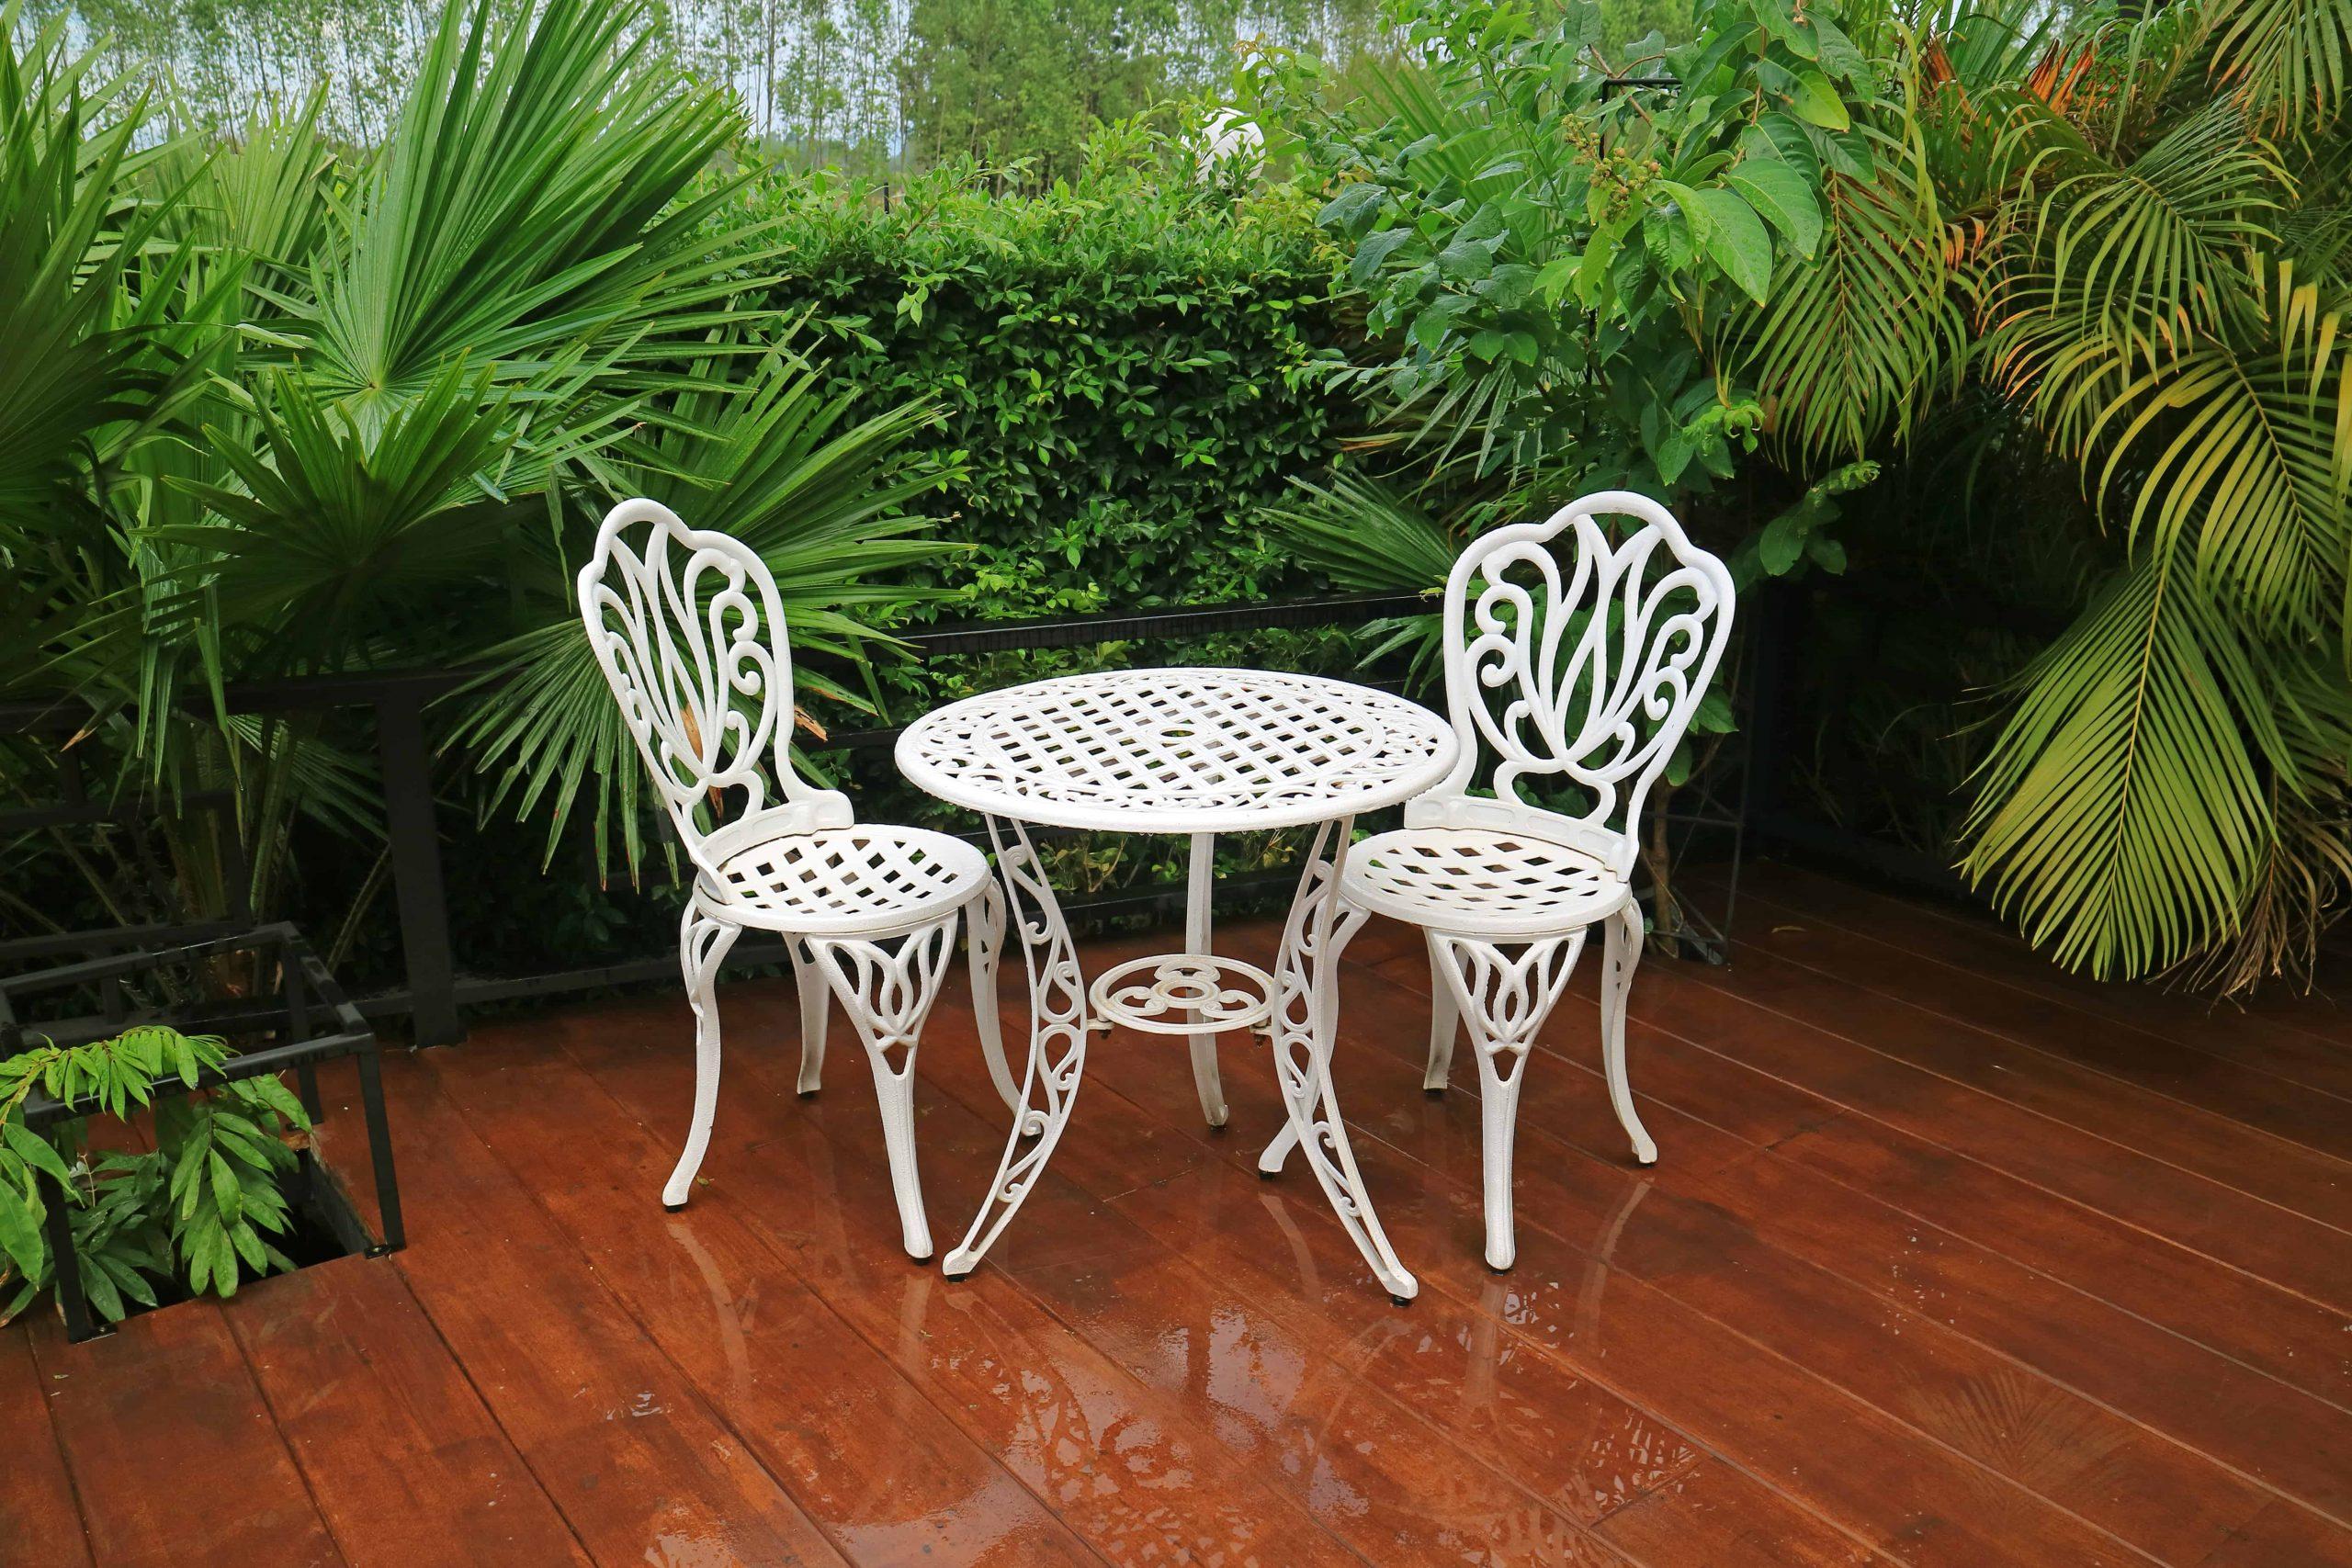 Schutzhülle für Gartenmöbel: Test & Empfehlungen (10/20)